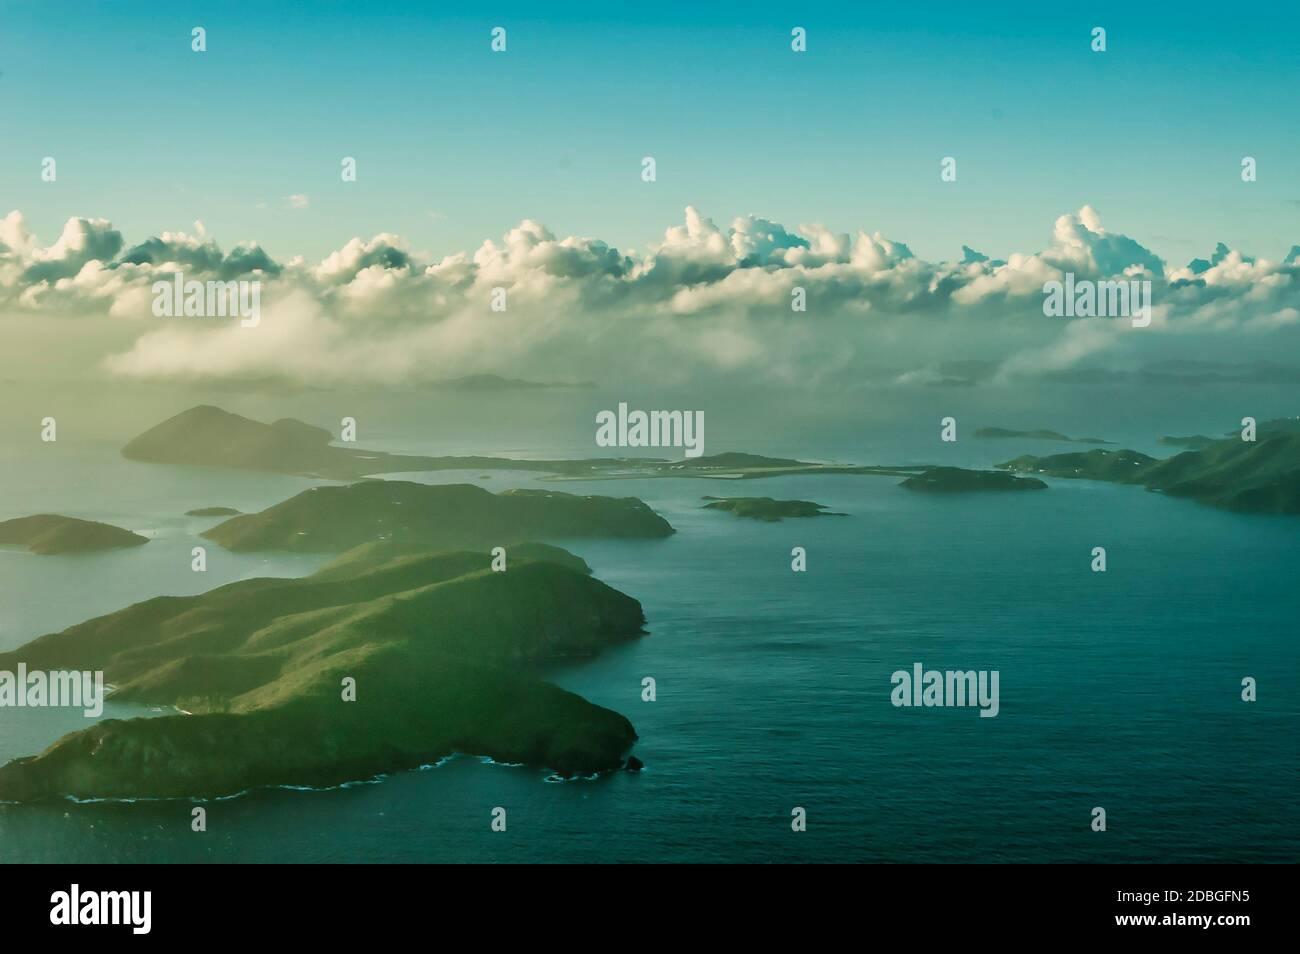 Îles Vierges britanniques, vue de l'avion sur les îles et la mer des caraïbes Banque D'Images